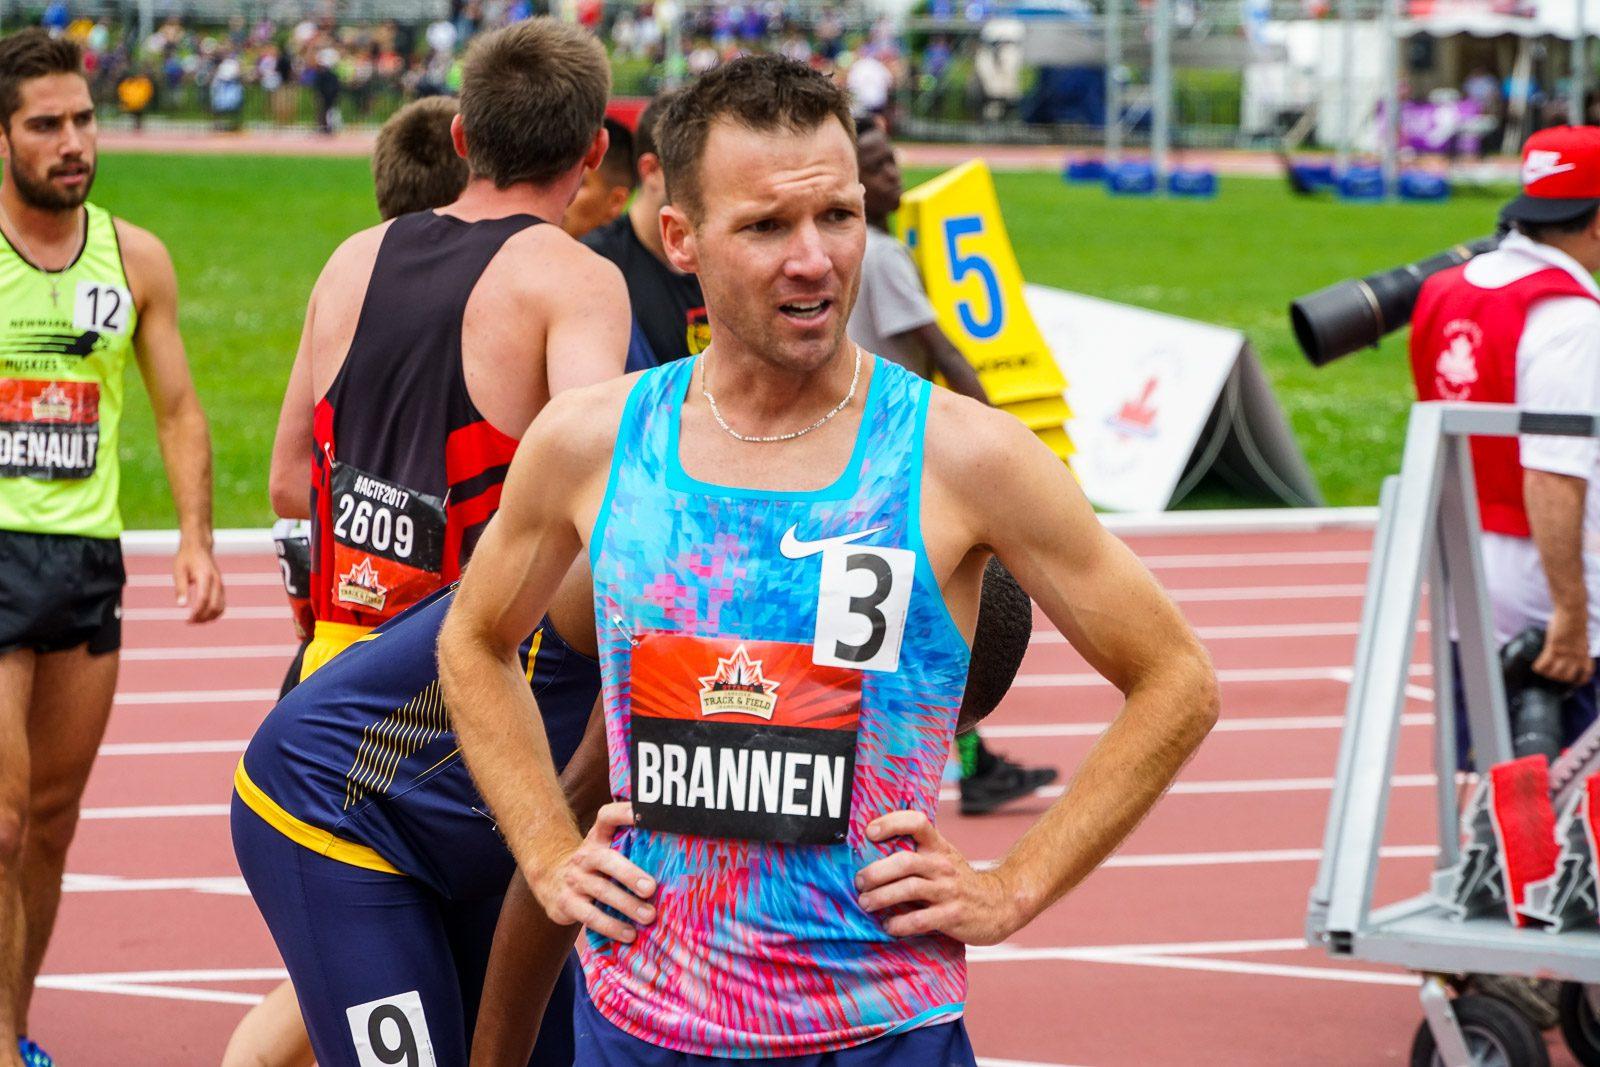 Nate Brannen